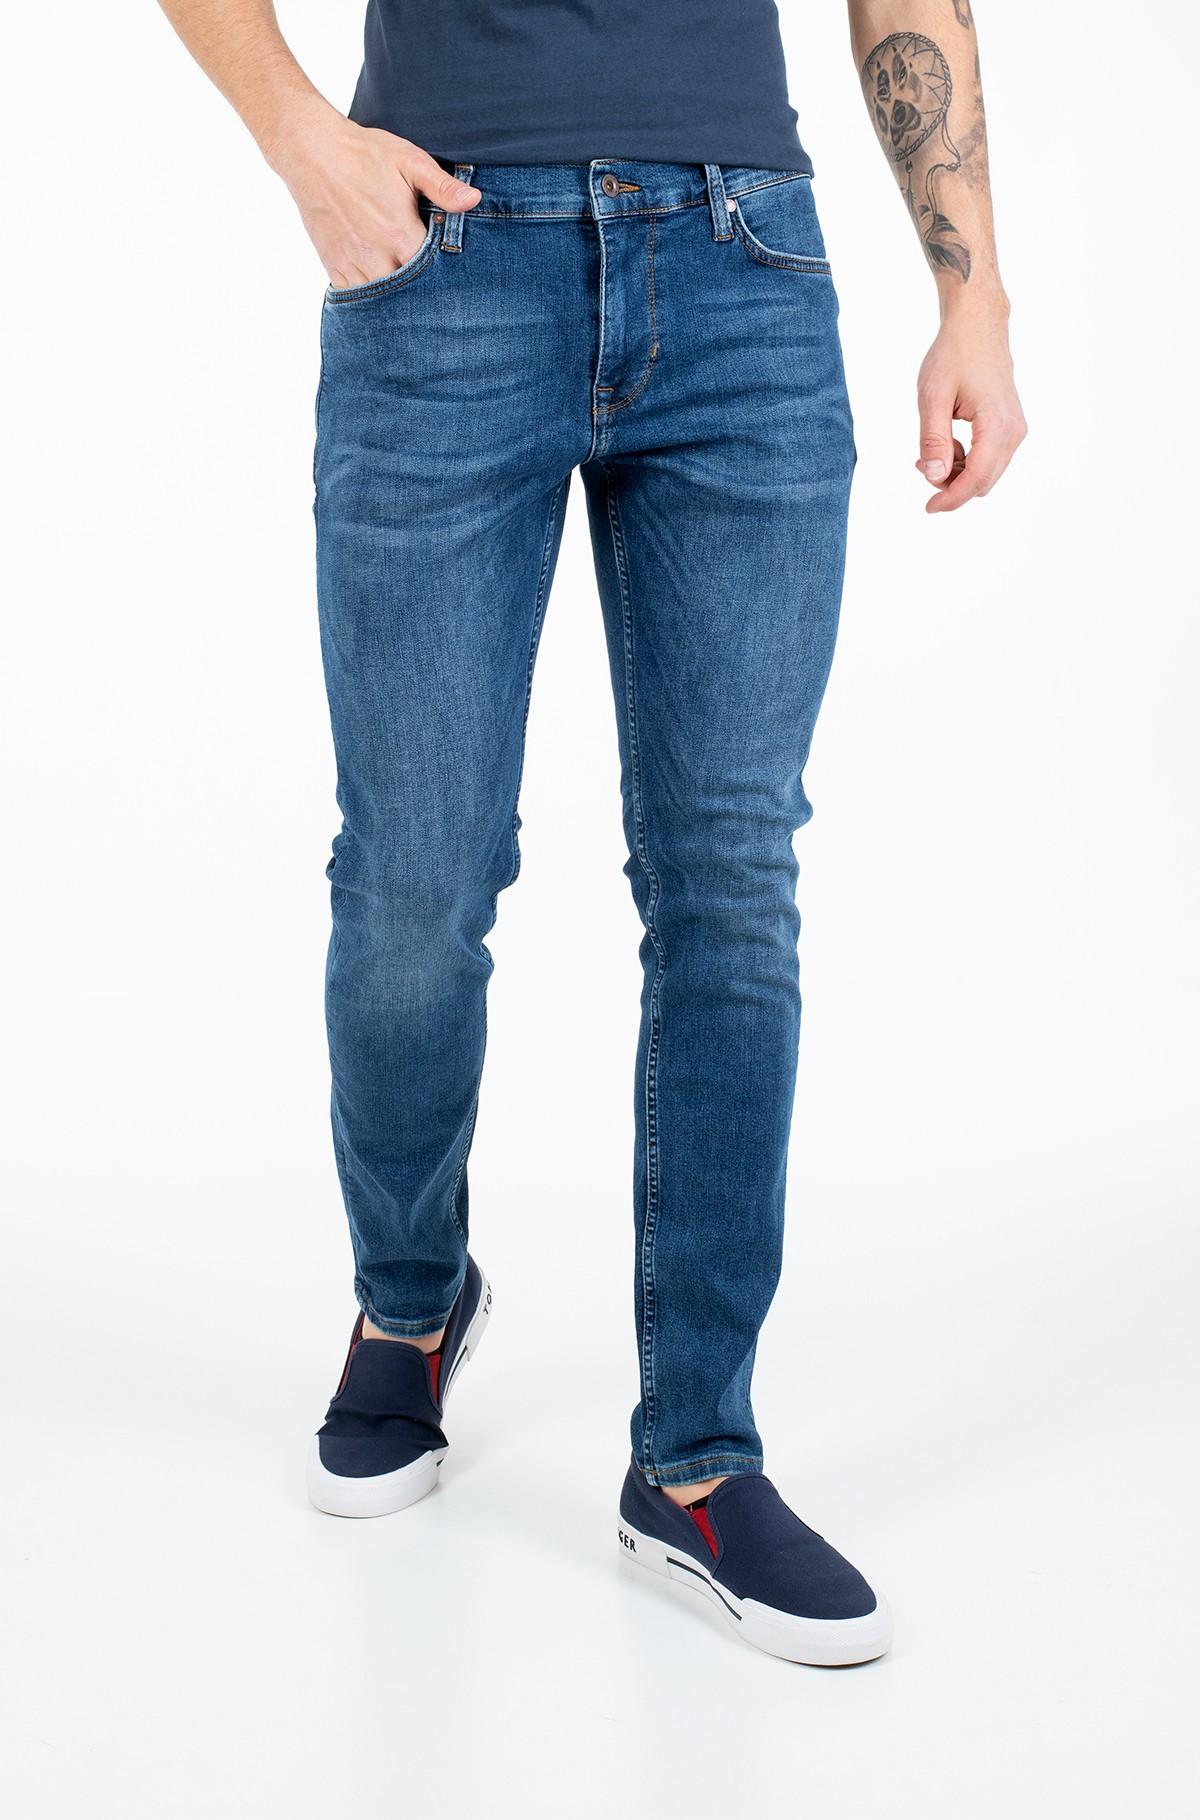 Jeans 1009565-full-1